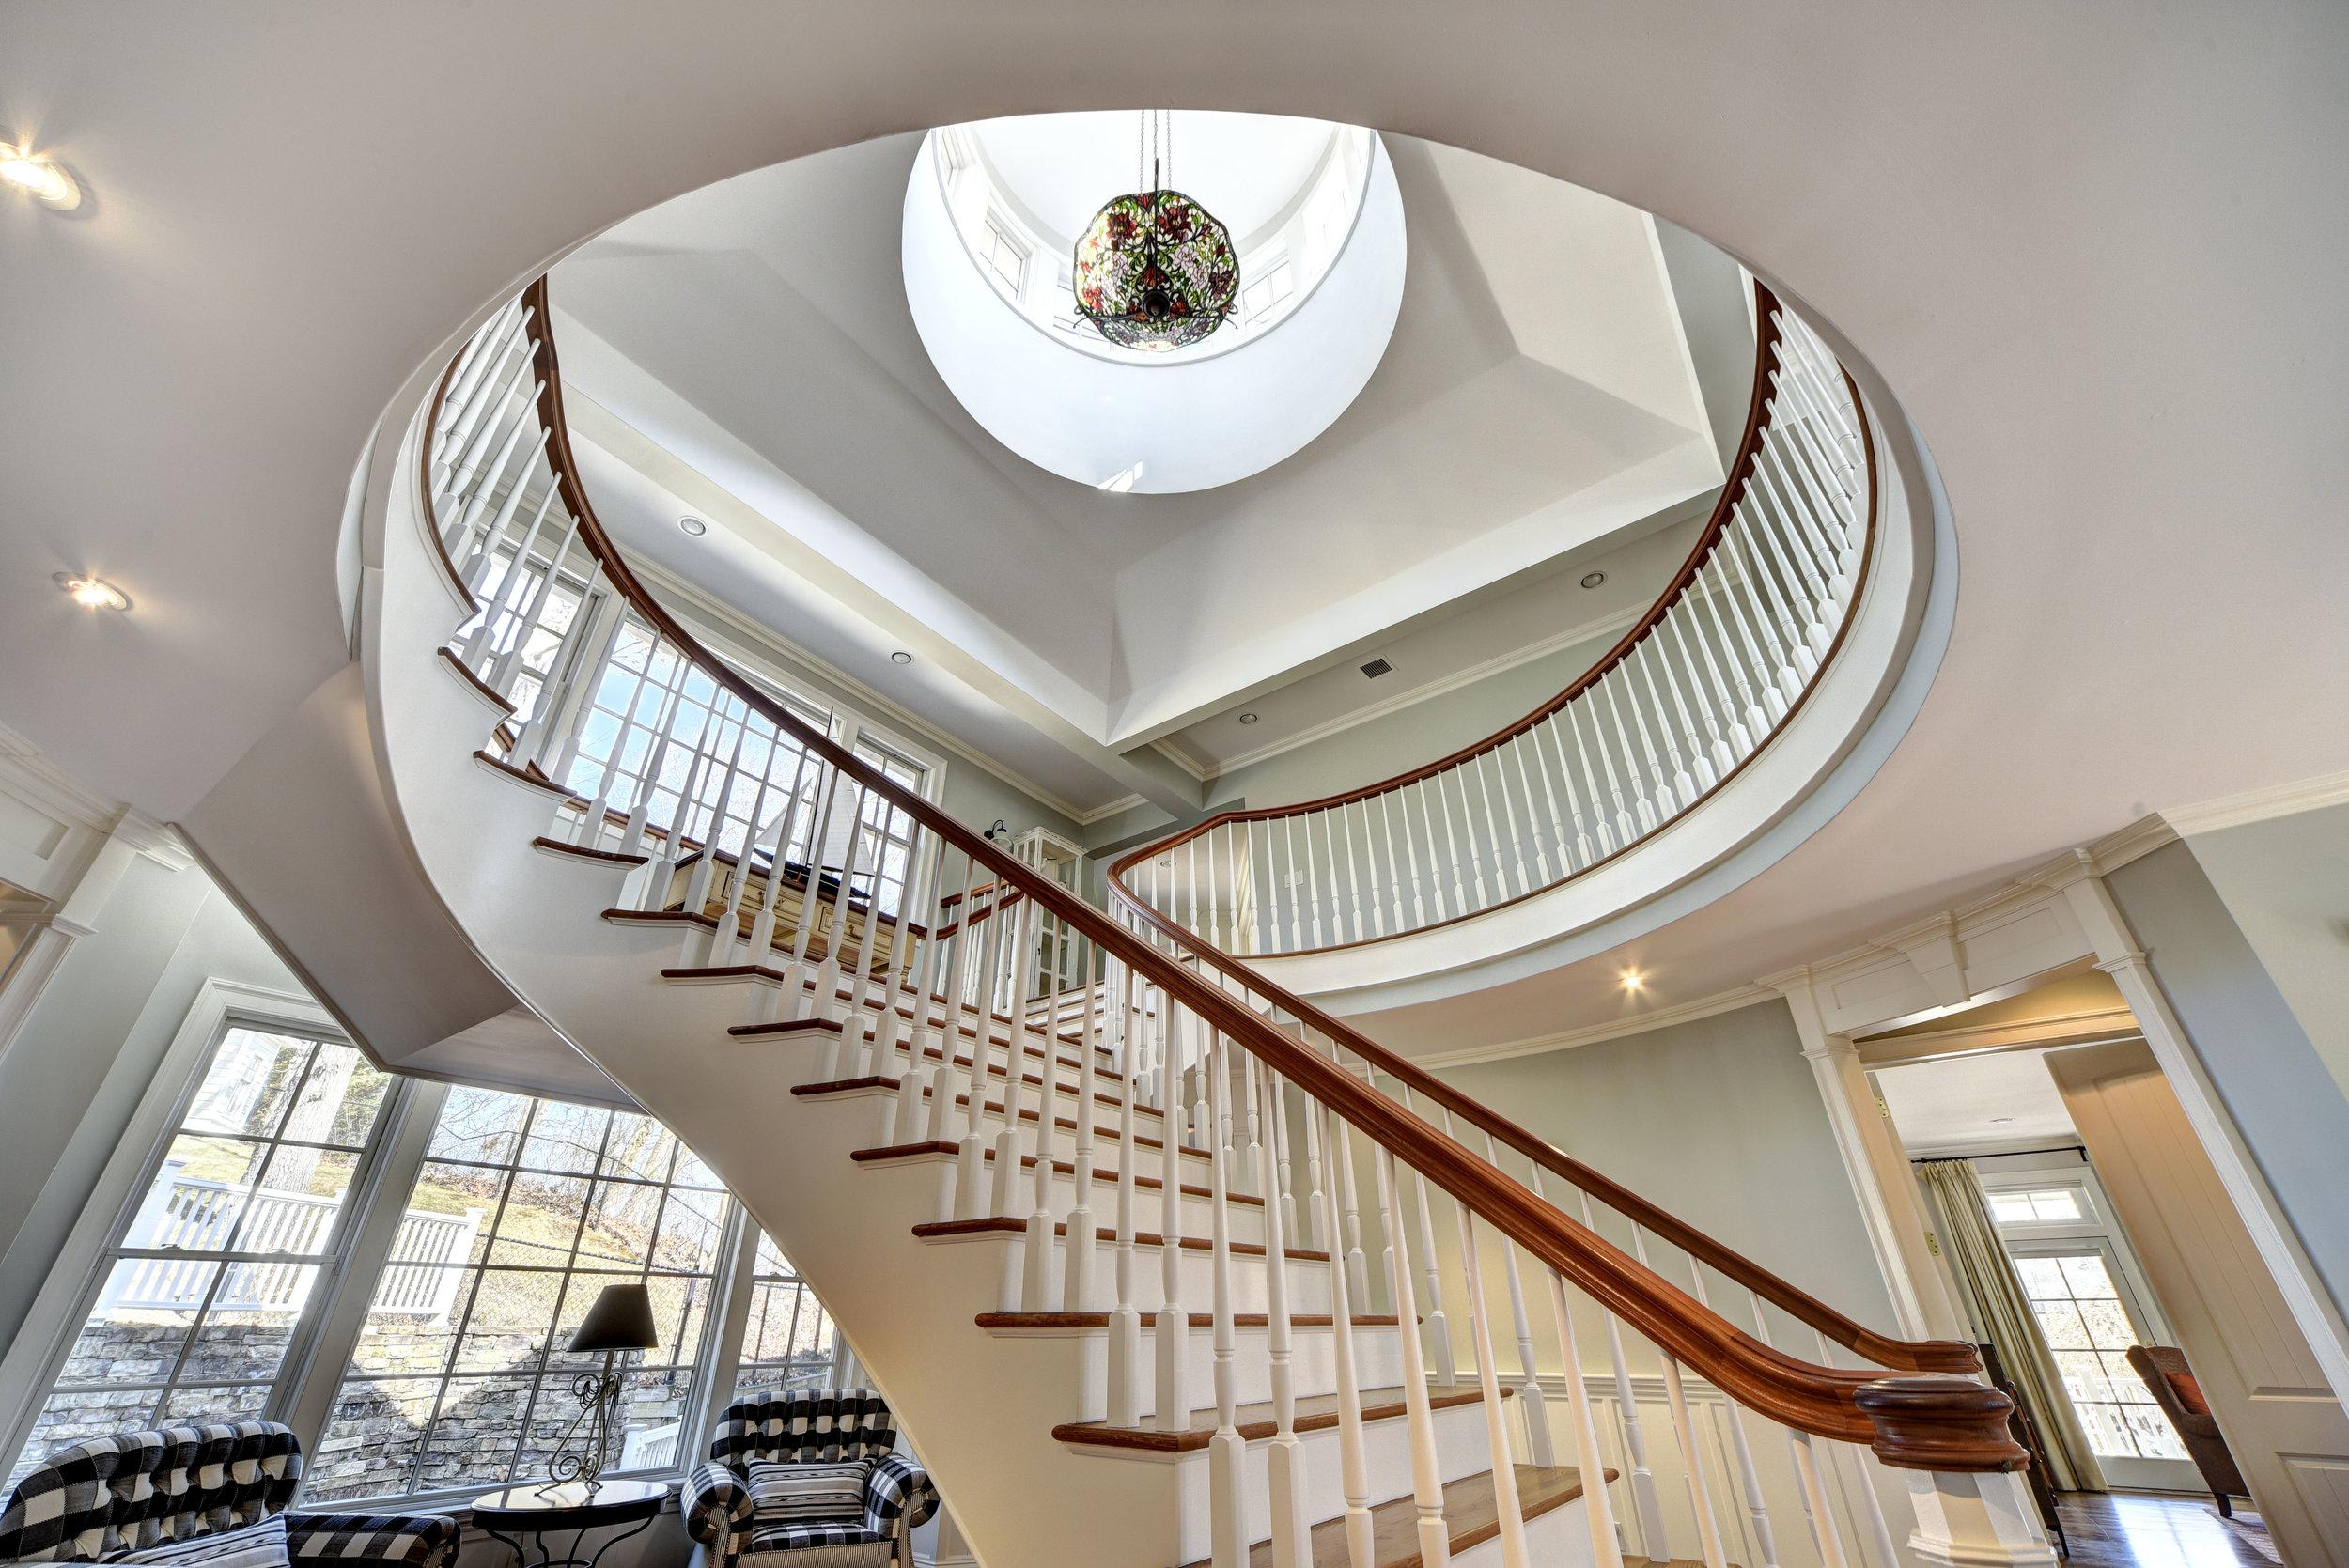 29 Winthrop Rd stairs2.jpg